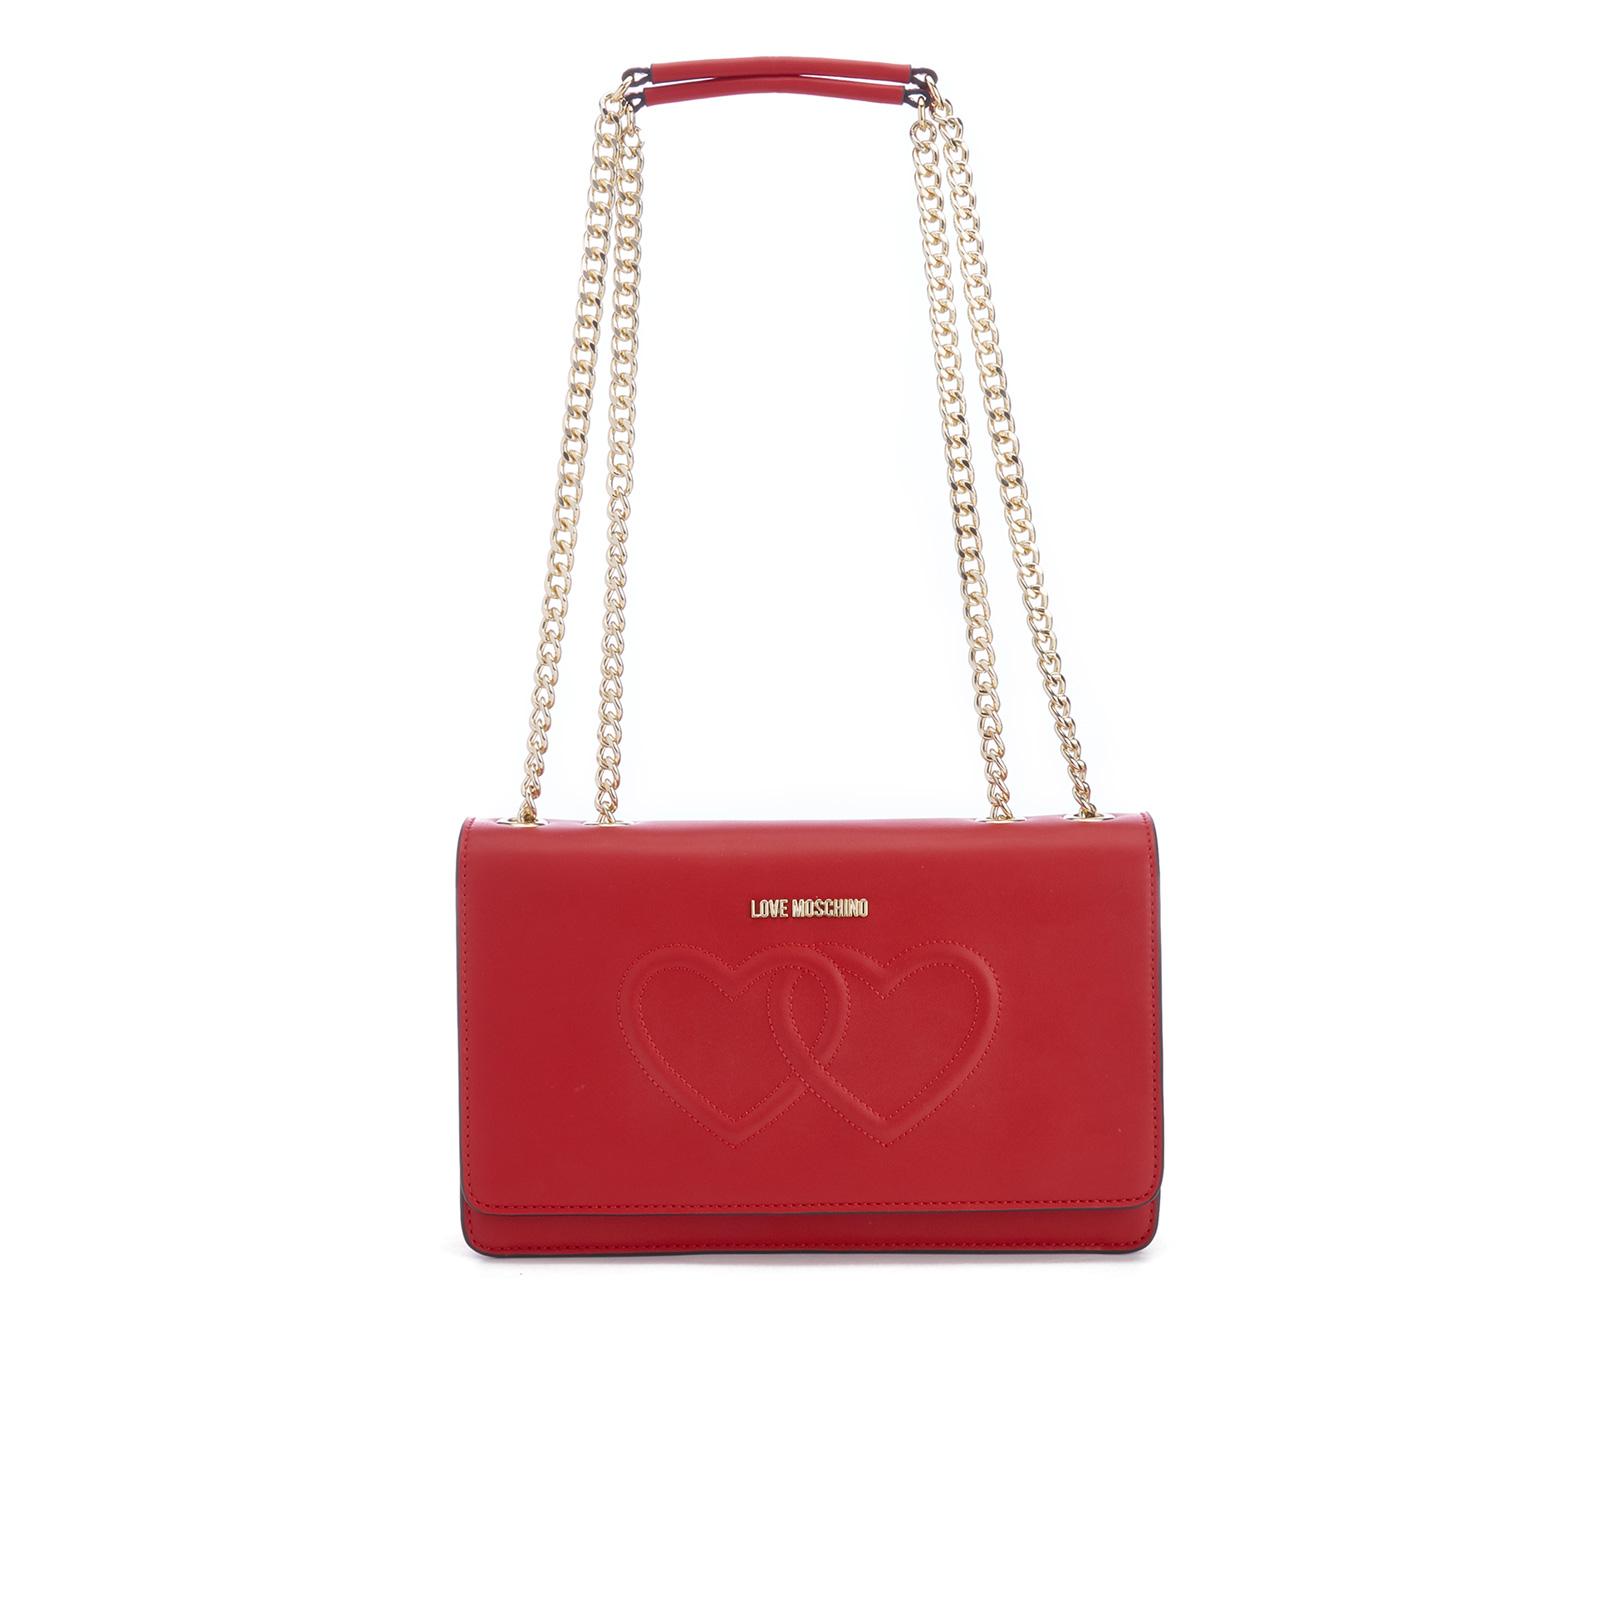 568e6fe06610 Love Moschino Women s Love Heart Embossed Cross Body Bag - Red ...